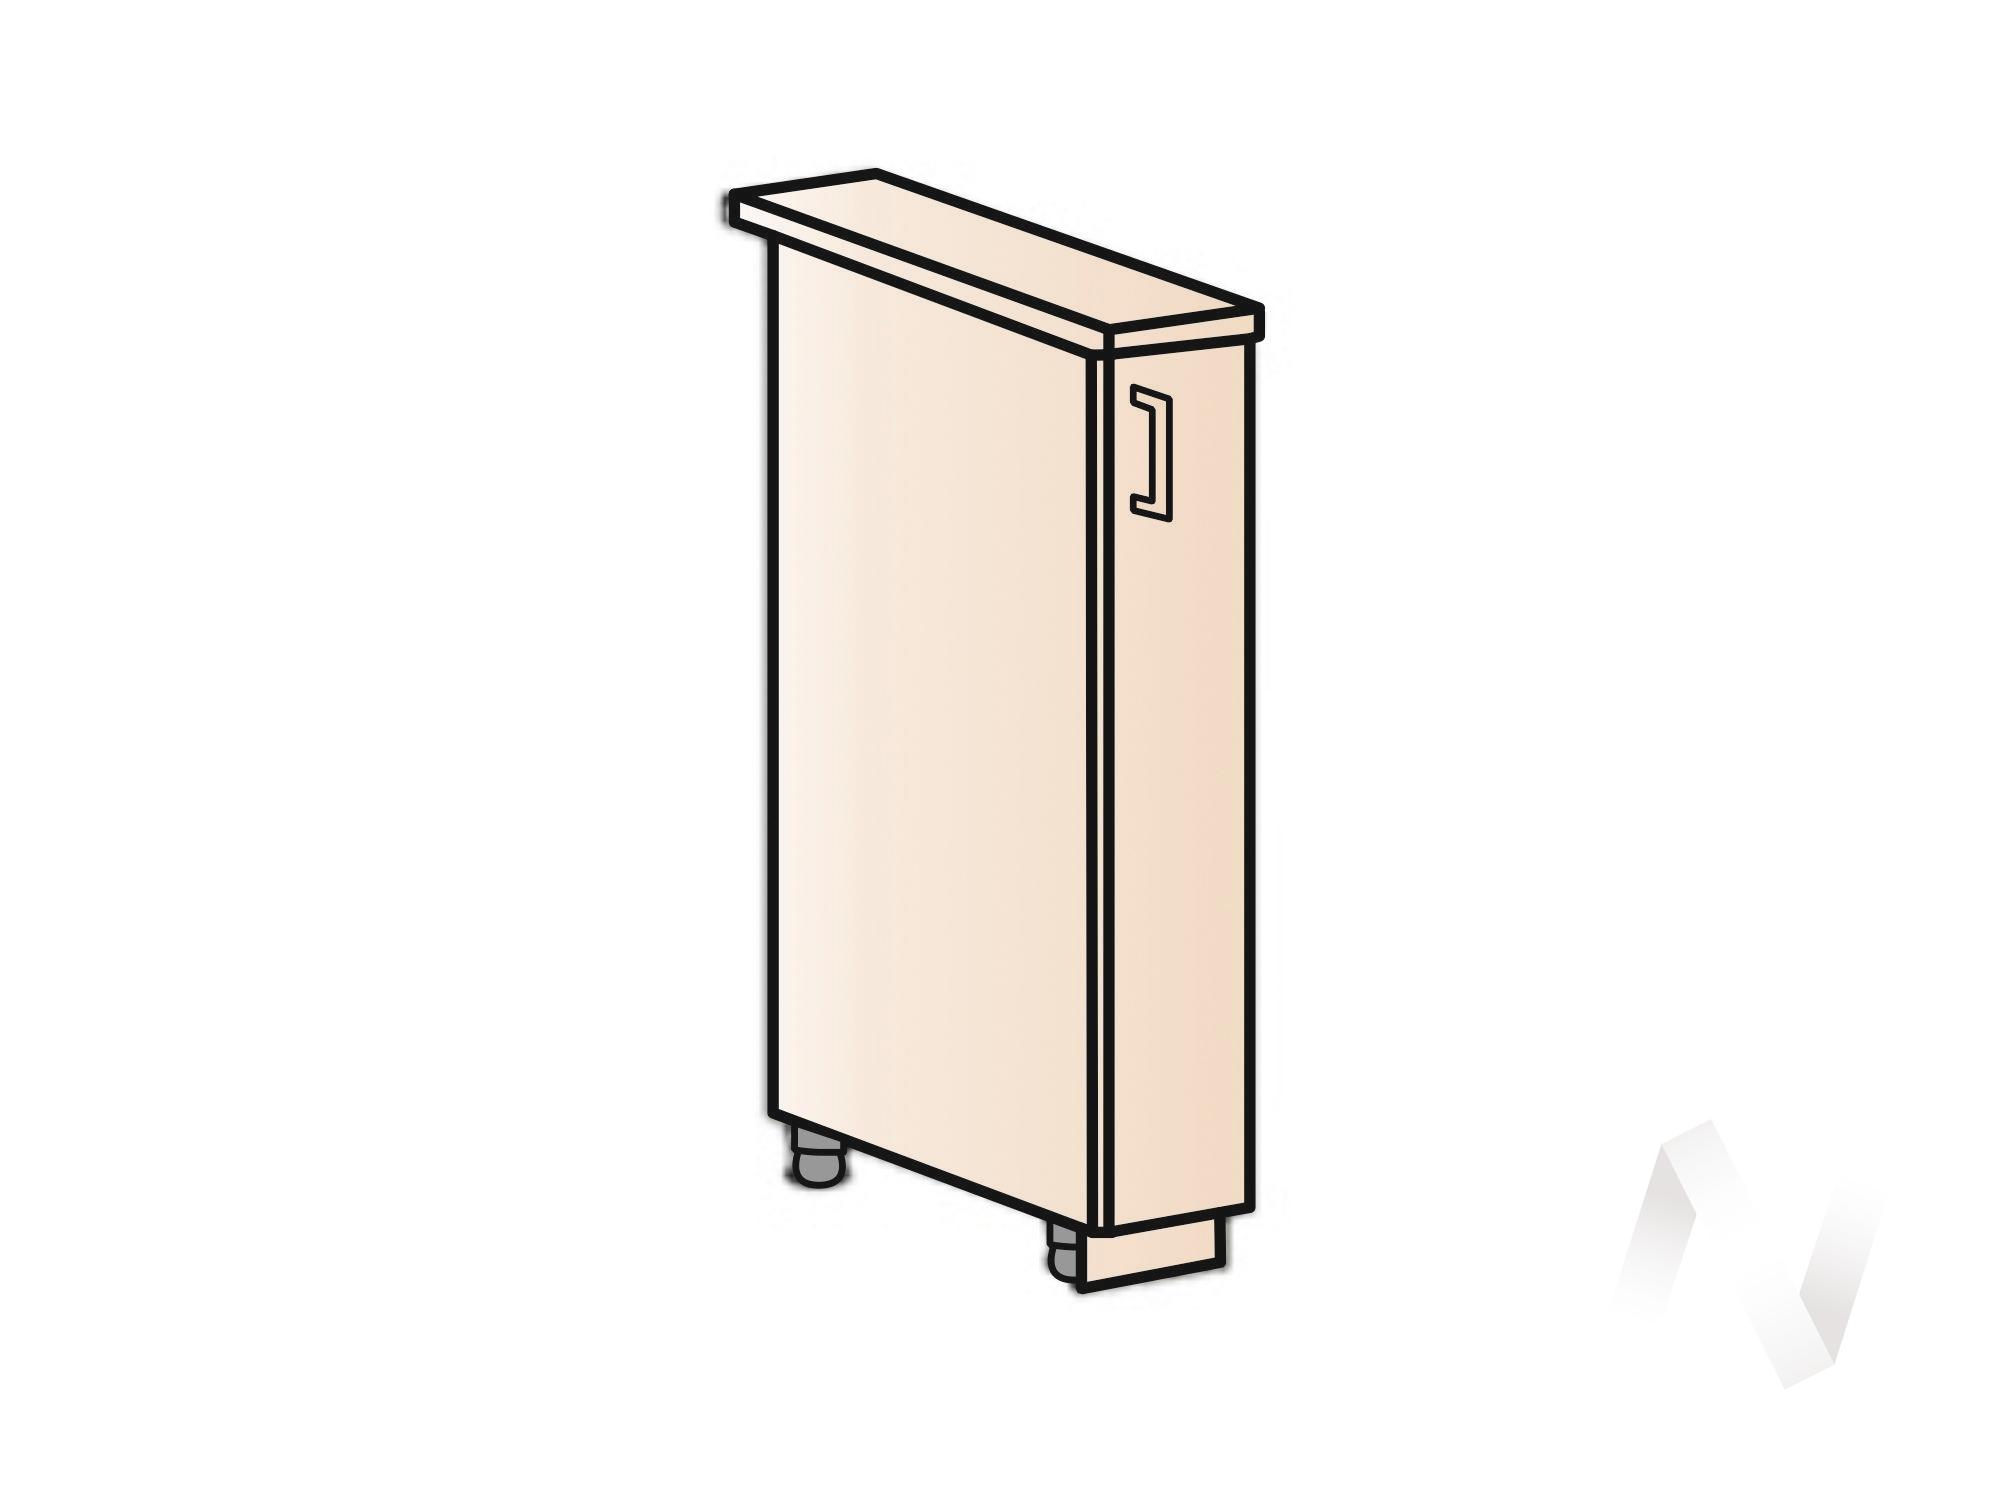 """Купить кухня """"вега"""": шкаф нижний бутылочница 150, шнб 150 (салатовый металлик/корпус венге) в Иркутске в интернет магазине Мебель Максимум"""